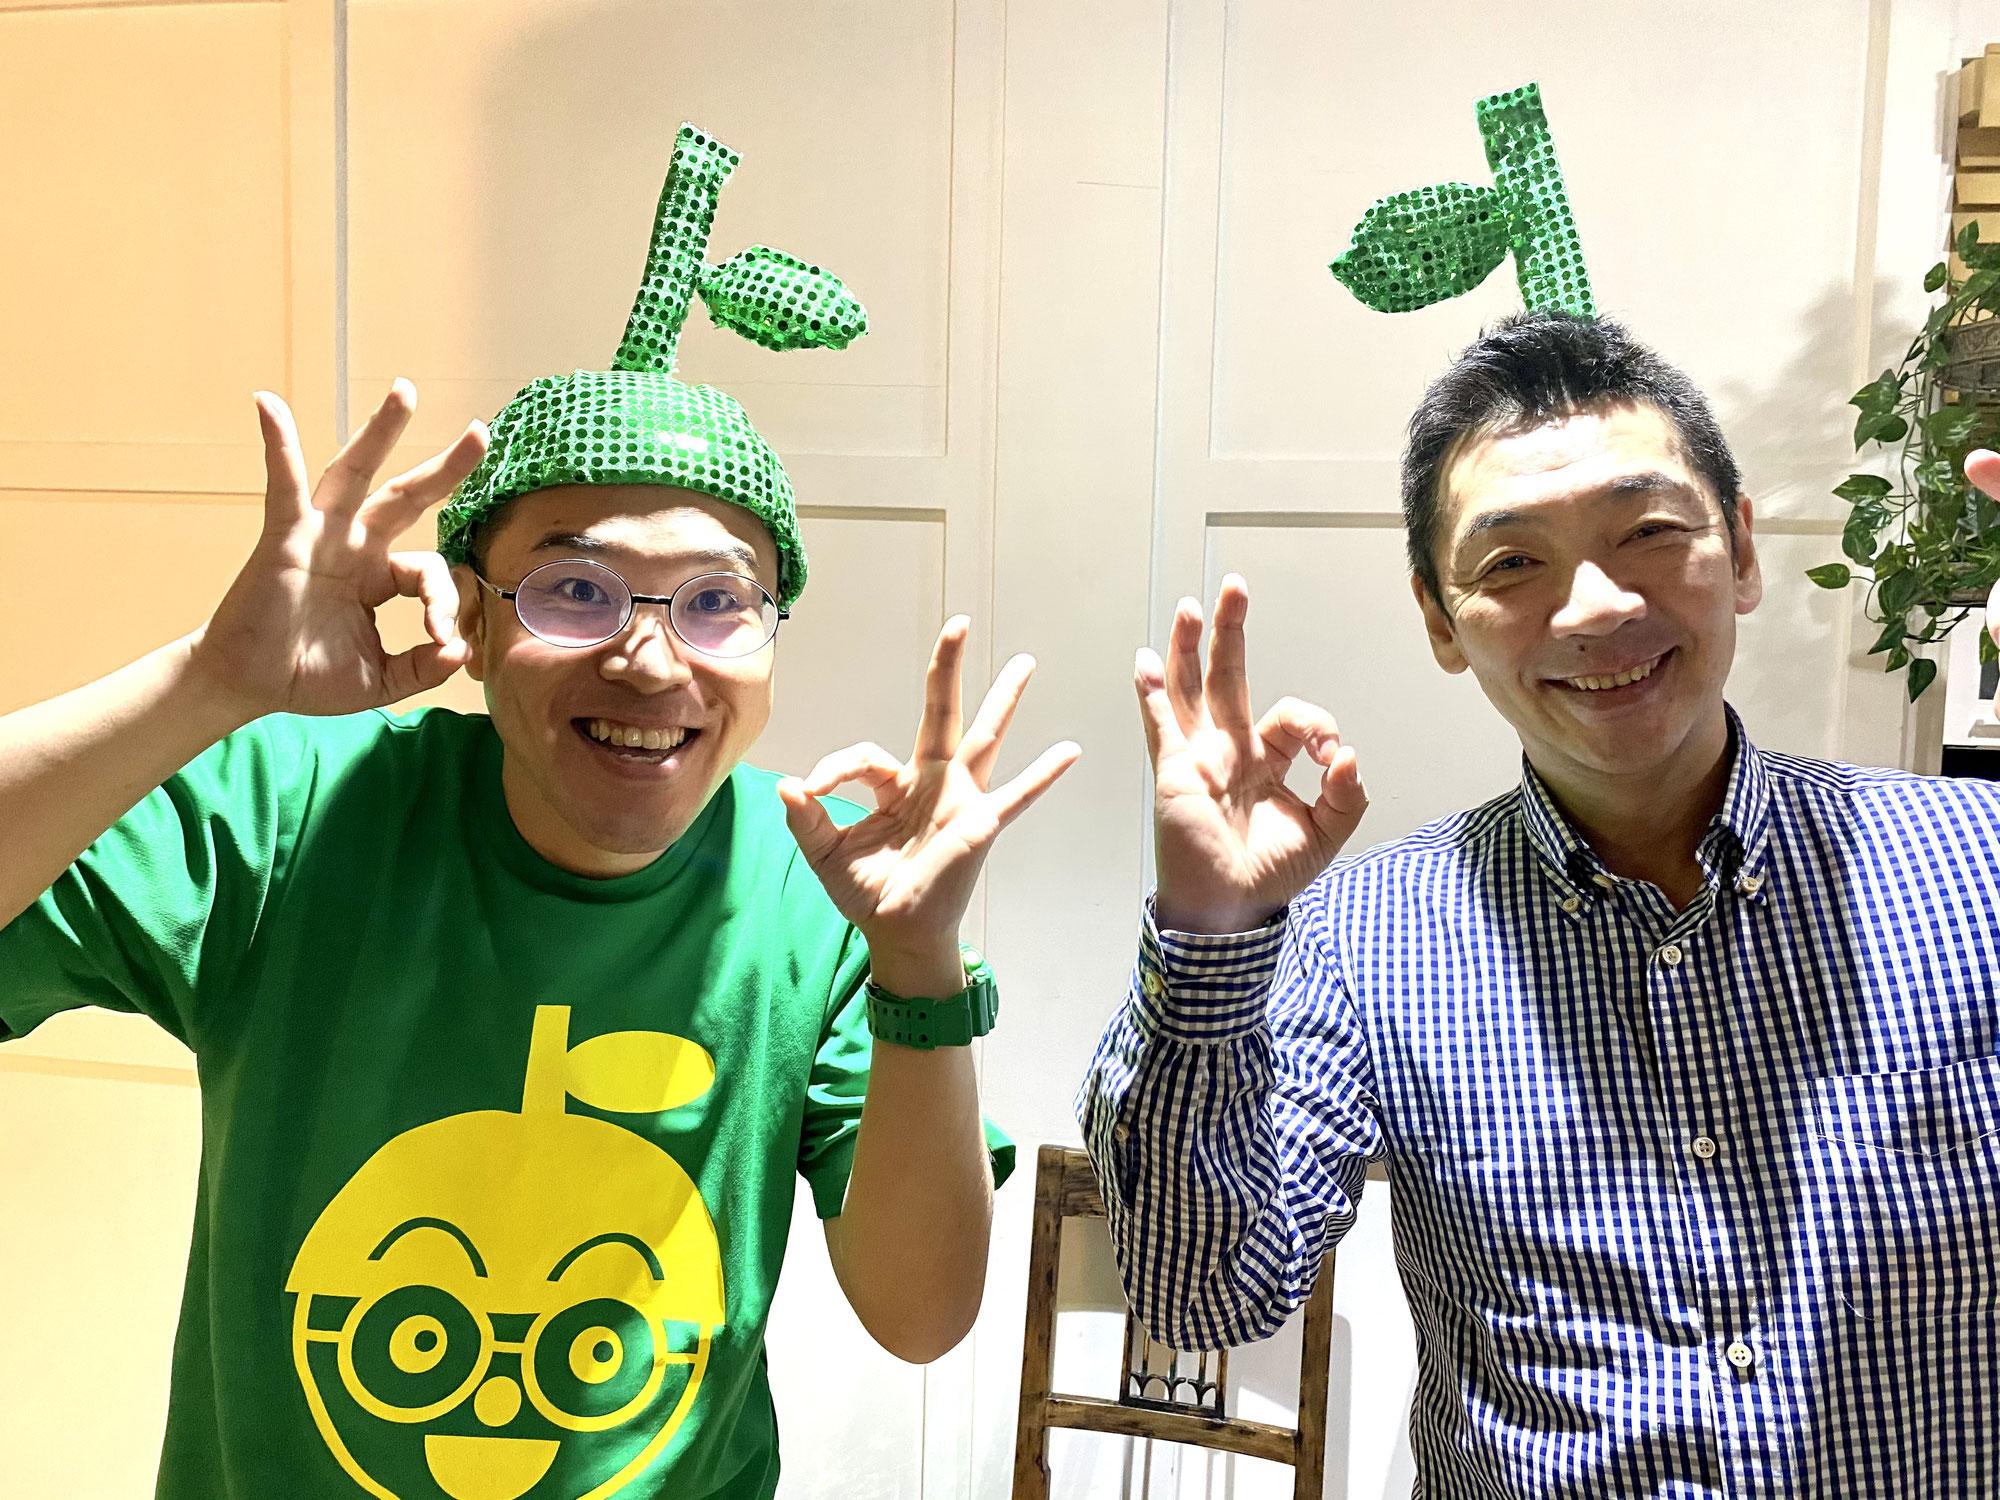 【テレビ出演】1月4日 ミヤネ屋新春特番に出演!